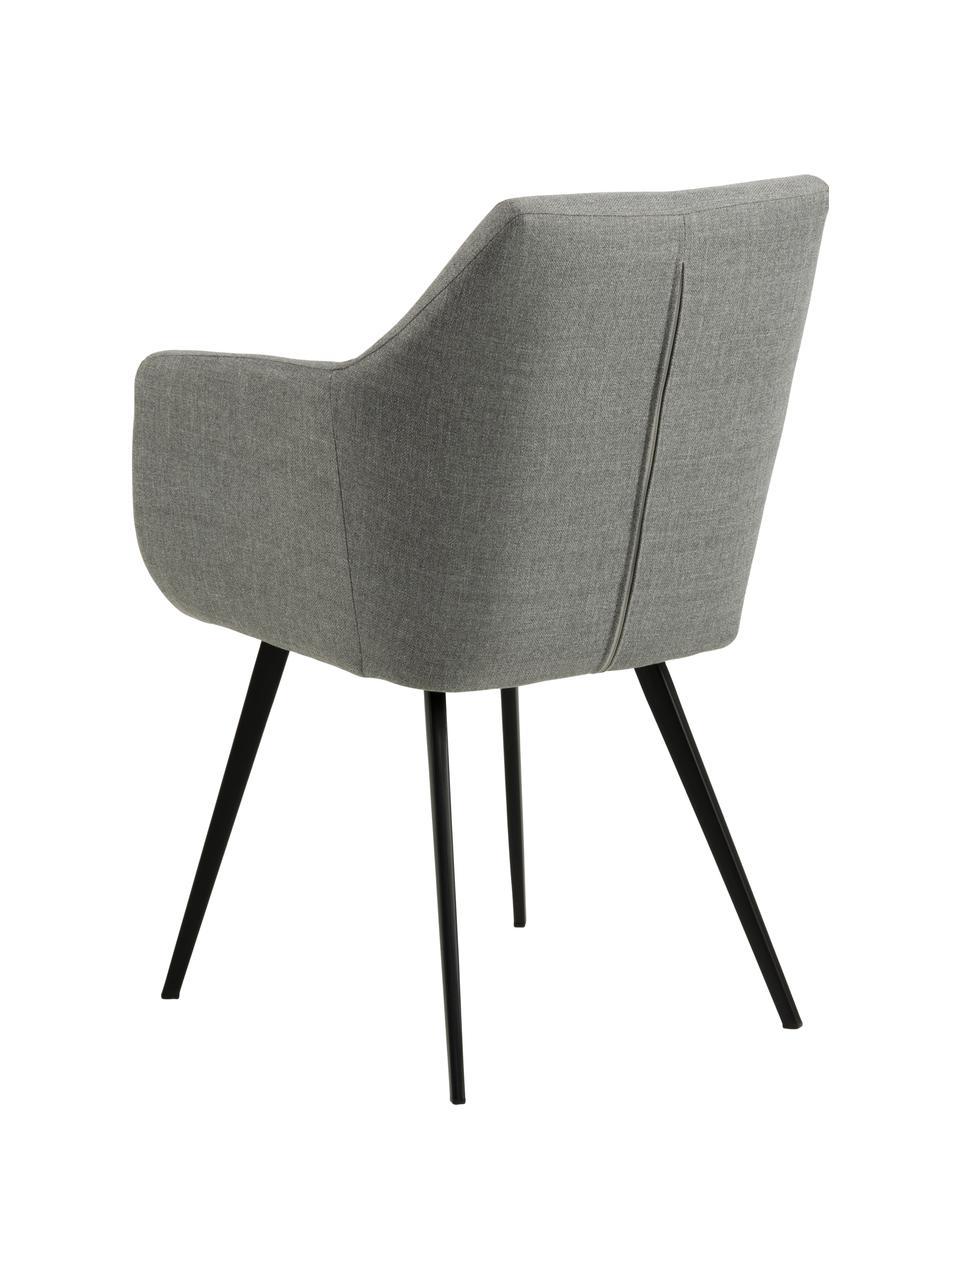 Sedia stile nordico con braccioli Nora, Rivestimento: 100% poliestere Il rivest, Gambe: metallo rivestito, Grigio chiaro, nero, Larg. 58 x Prof. 58 cm